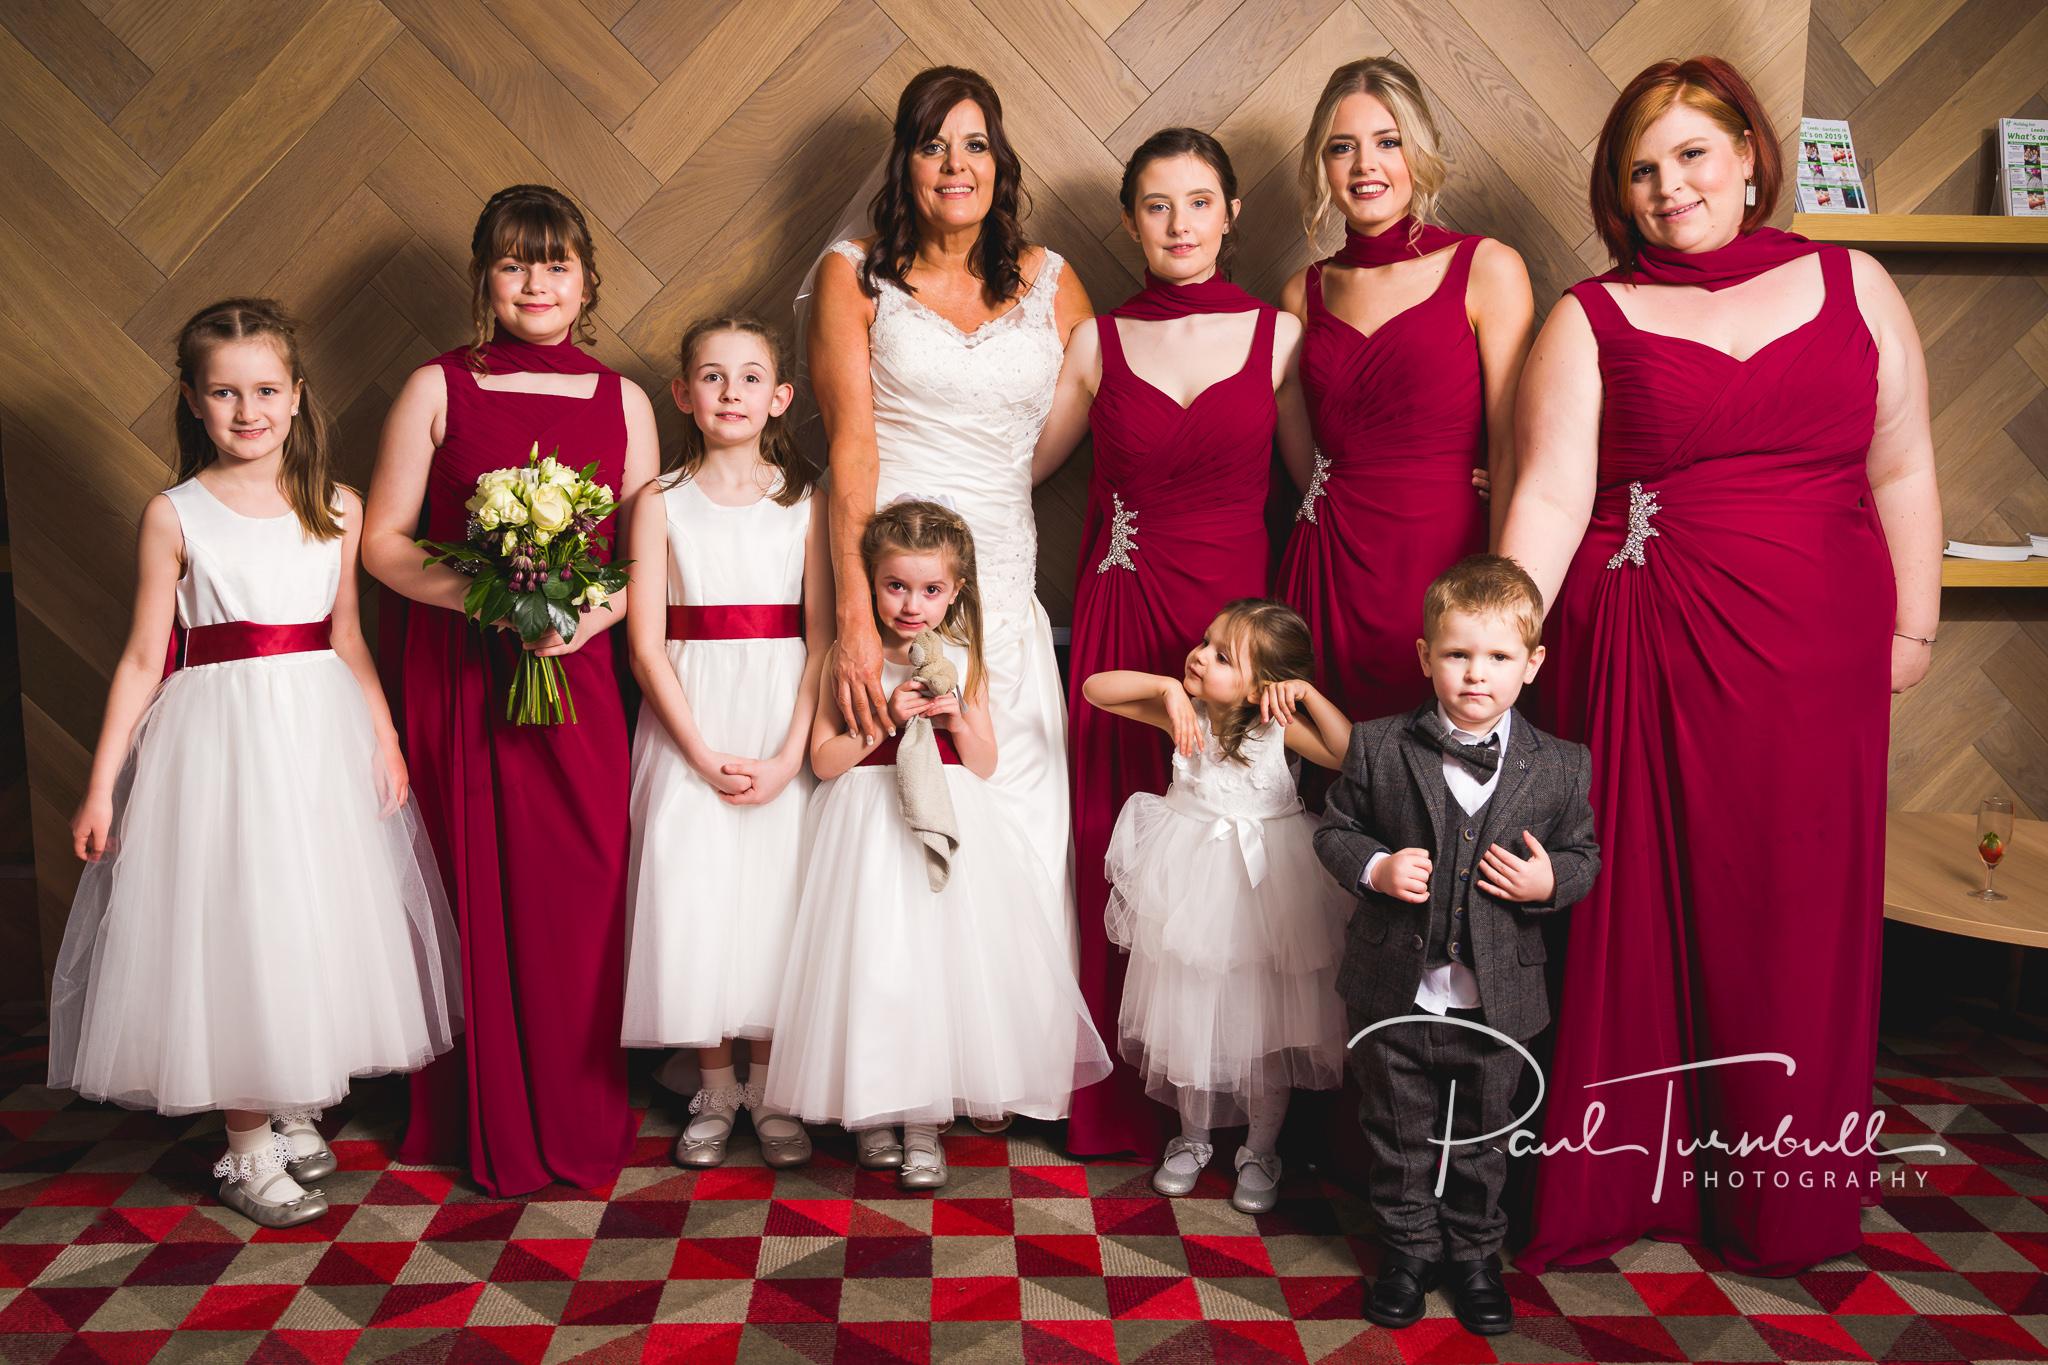 wedding-photographer-leeds-holiday-inn-garforth-044.jpg